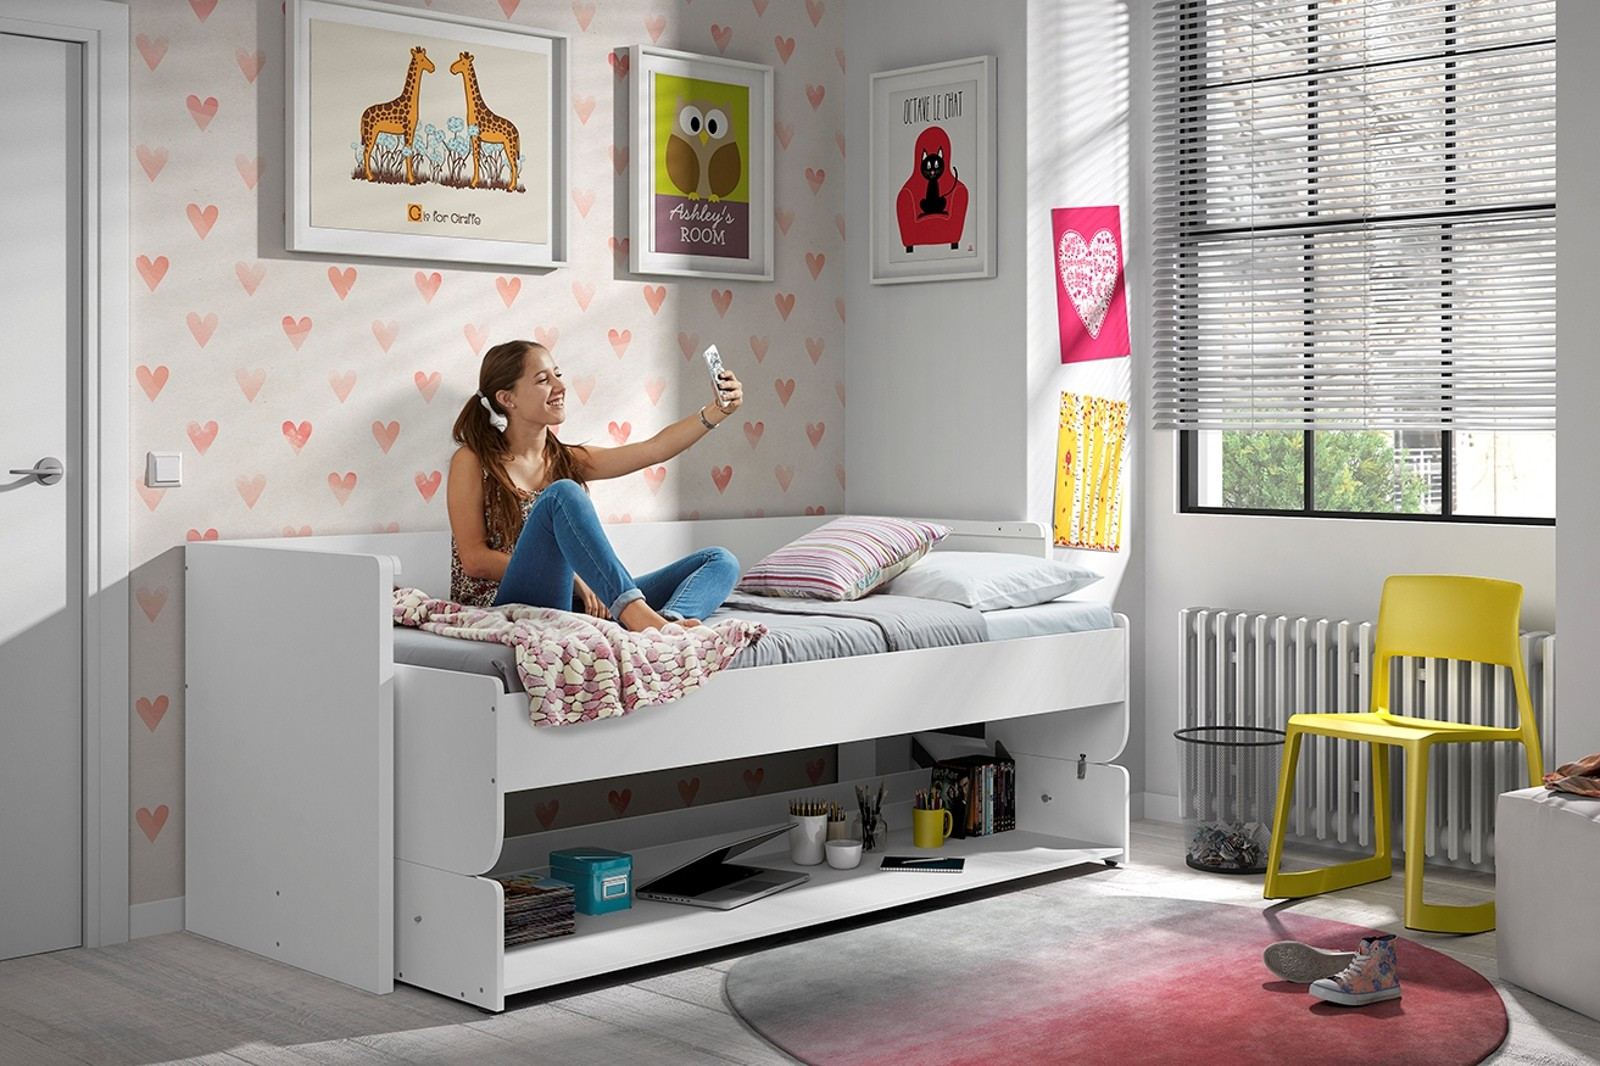 funktionsbett denver mit einzelbett und schreibtisch wei kinder jugendzimmer funktionsbetten. Black Bedroom Furniture Sets. Home Design Ideas